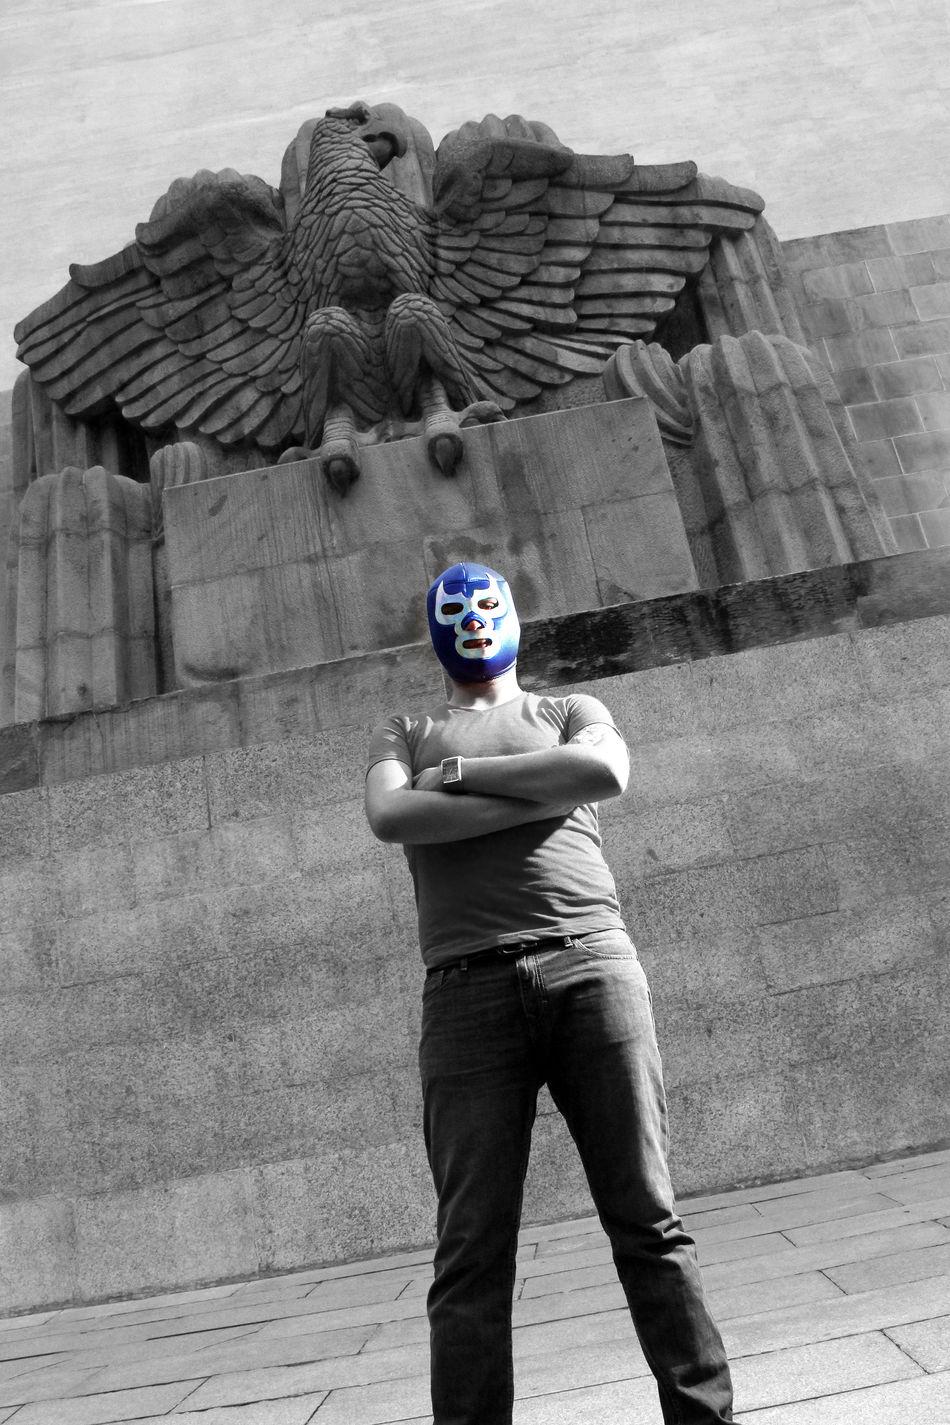 Homenaje al ídolo de la lucha libre Blue Demon Blue Demon Blue Demon Tribute Casual Clothing Eagle Latin Leisure Activity Lifestyles Lucha Libre Man Mask Masked Mexico Portrait Sculpture Wrestling The Innovator